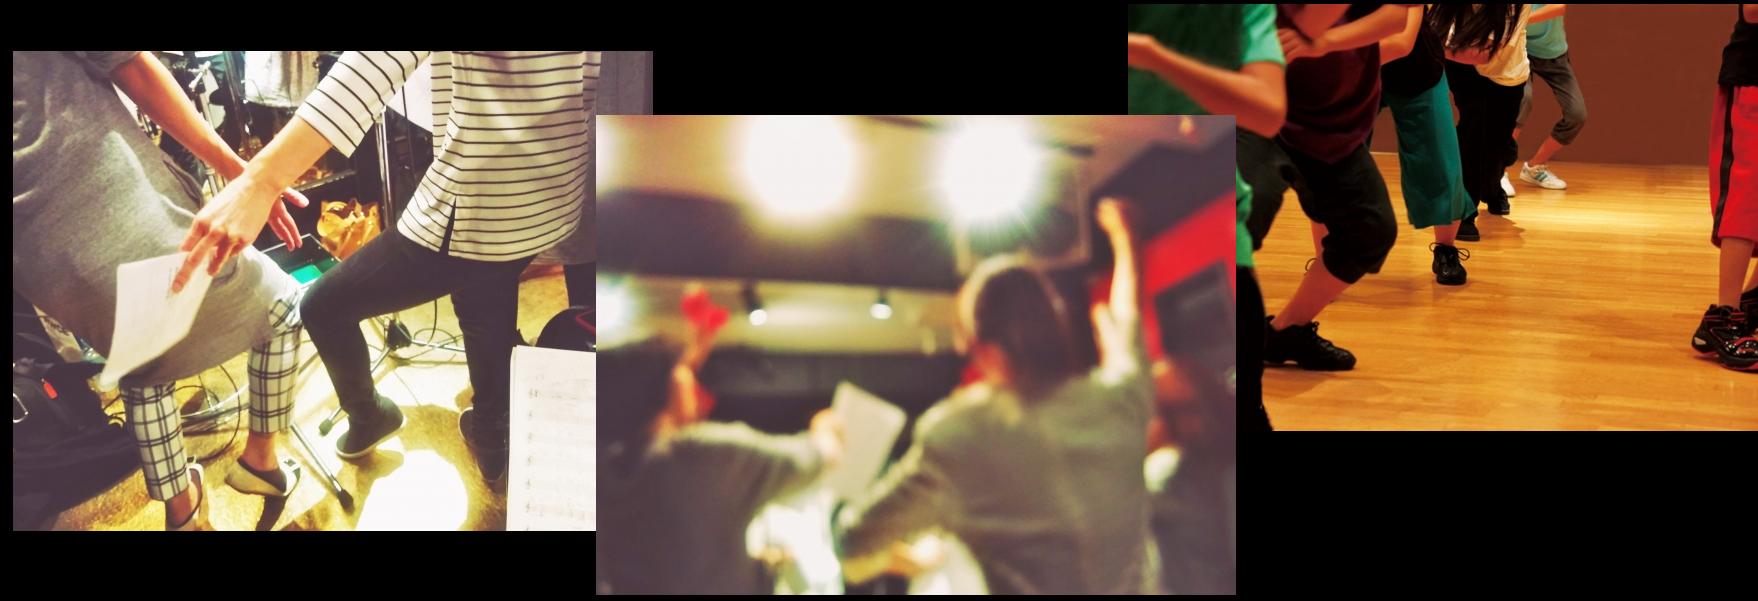 【限定企画】 橋本昭博(Moratorium Pants)によるワークショップ~ことばとカラダと演劇と?~